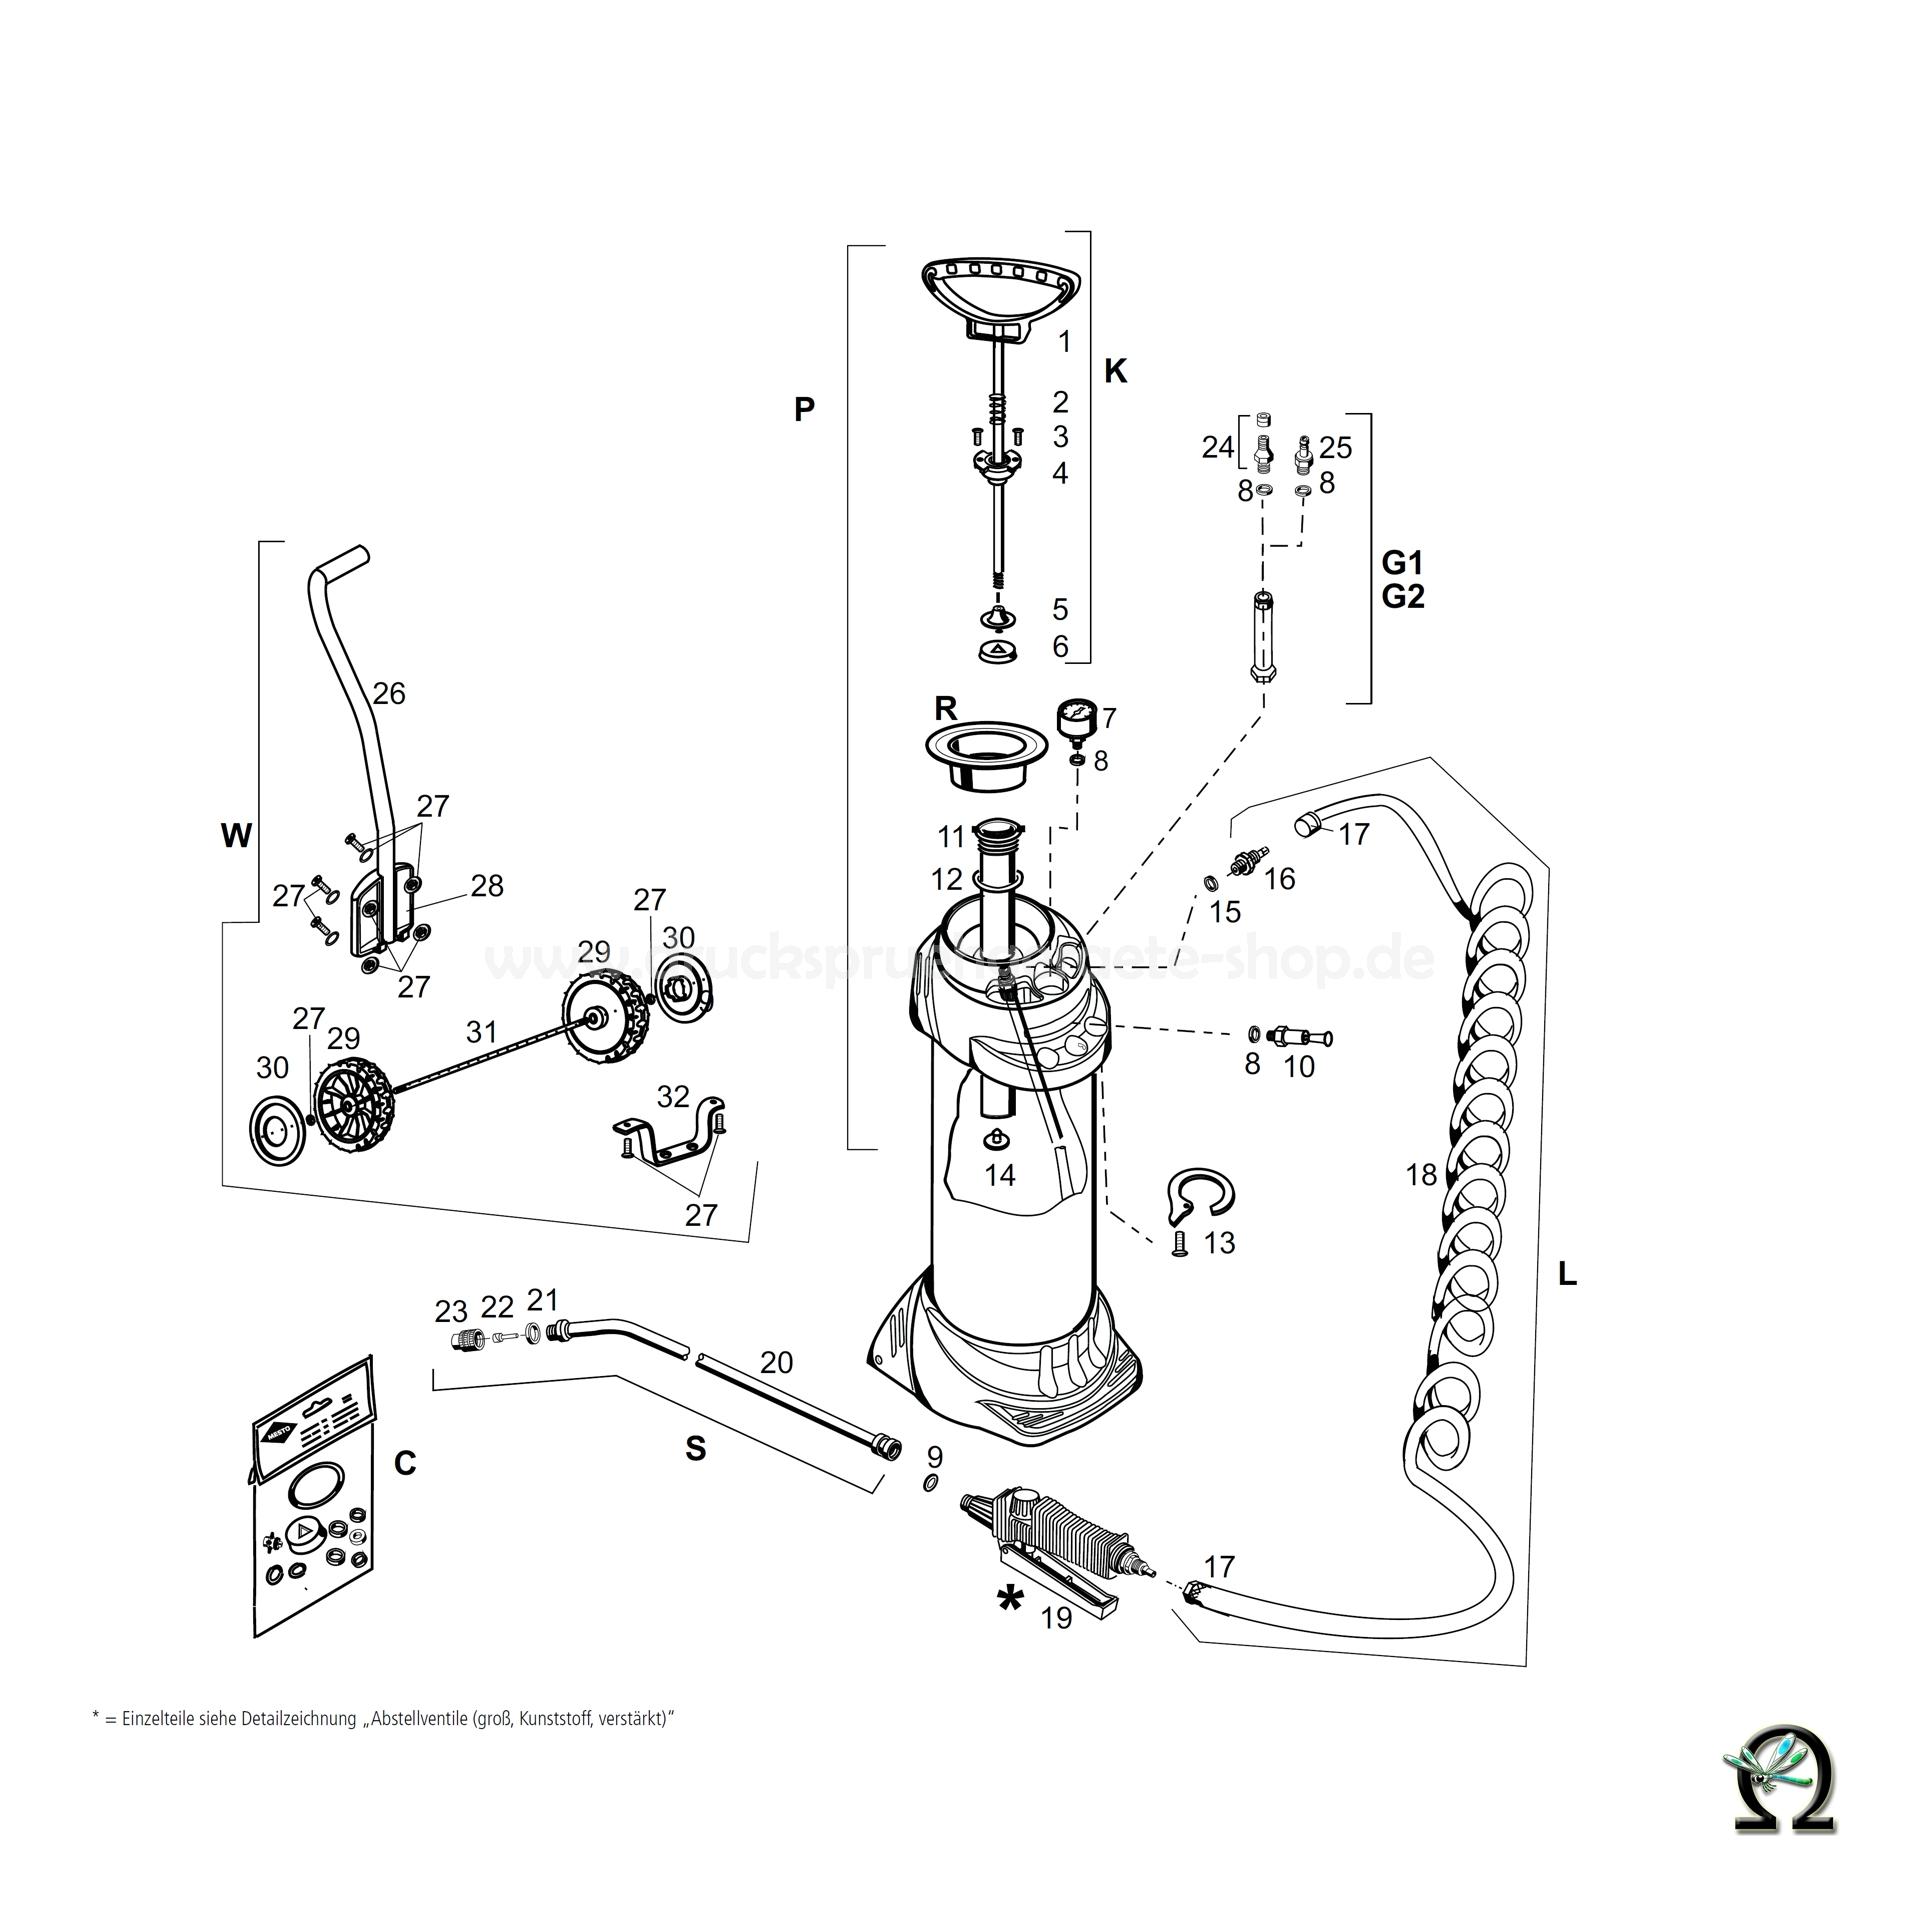 MESTO Hochdrucksprühgerät 3615XT INOX EXTREME mit Transportwagen - 10 Liter, Zeichnung der Einzelteile